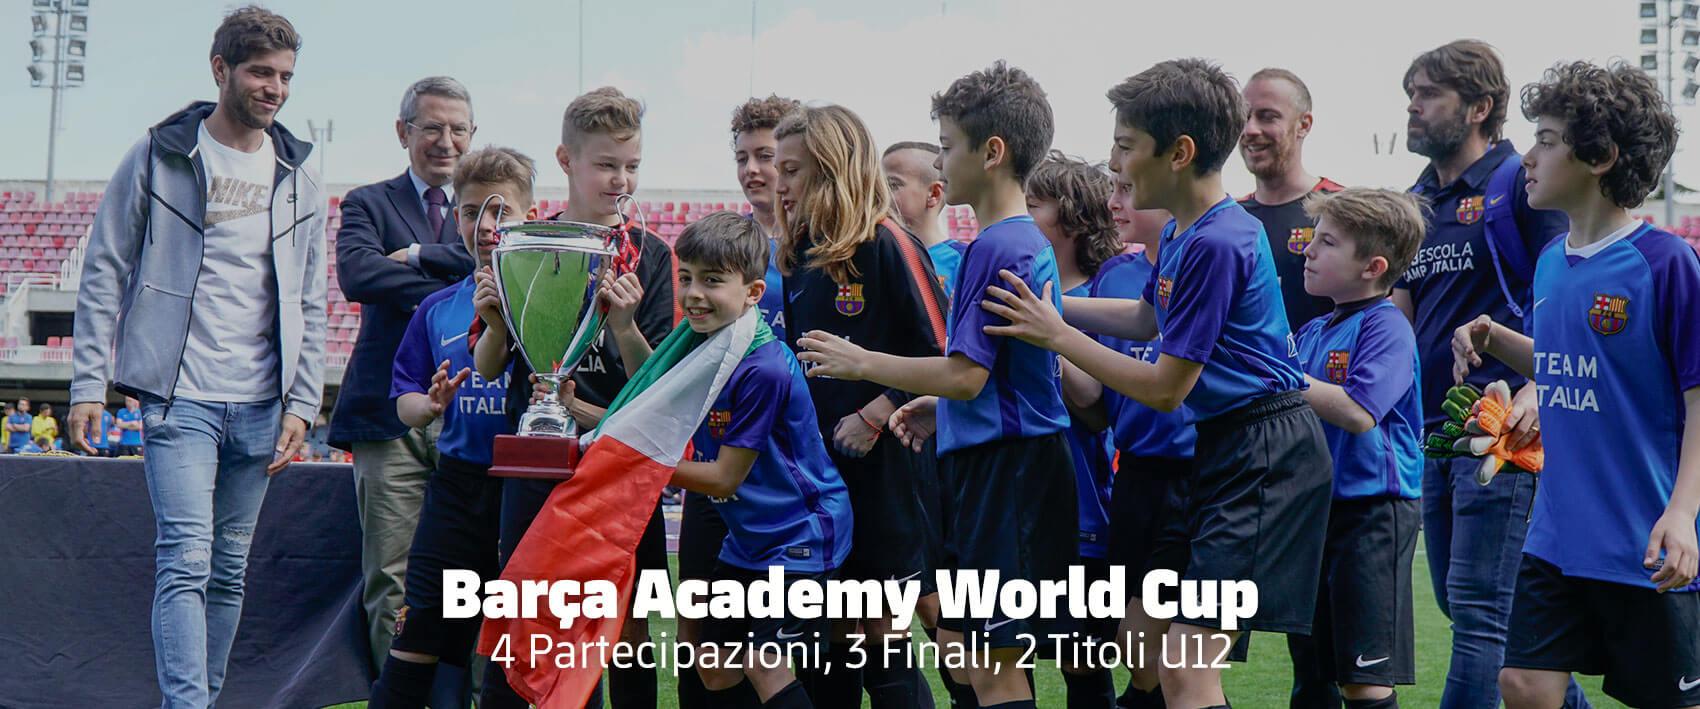 Barca Academy World Cup